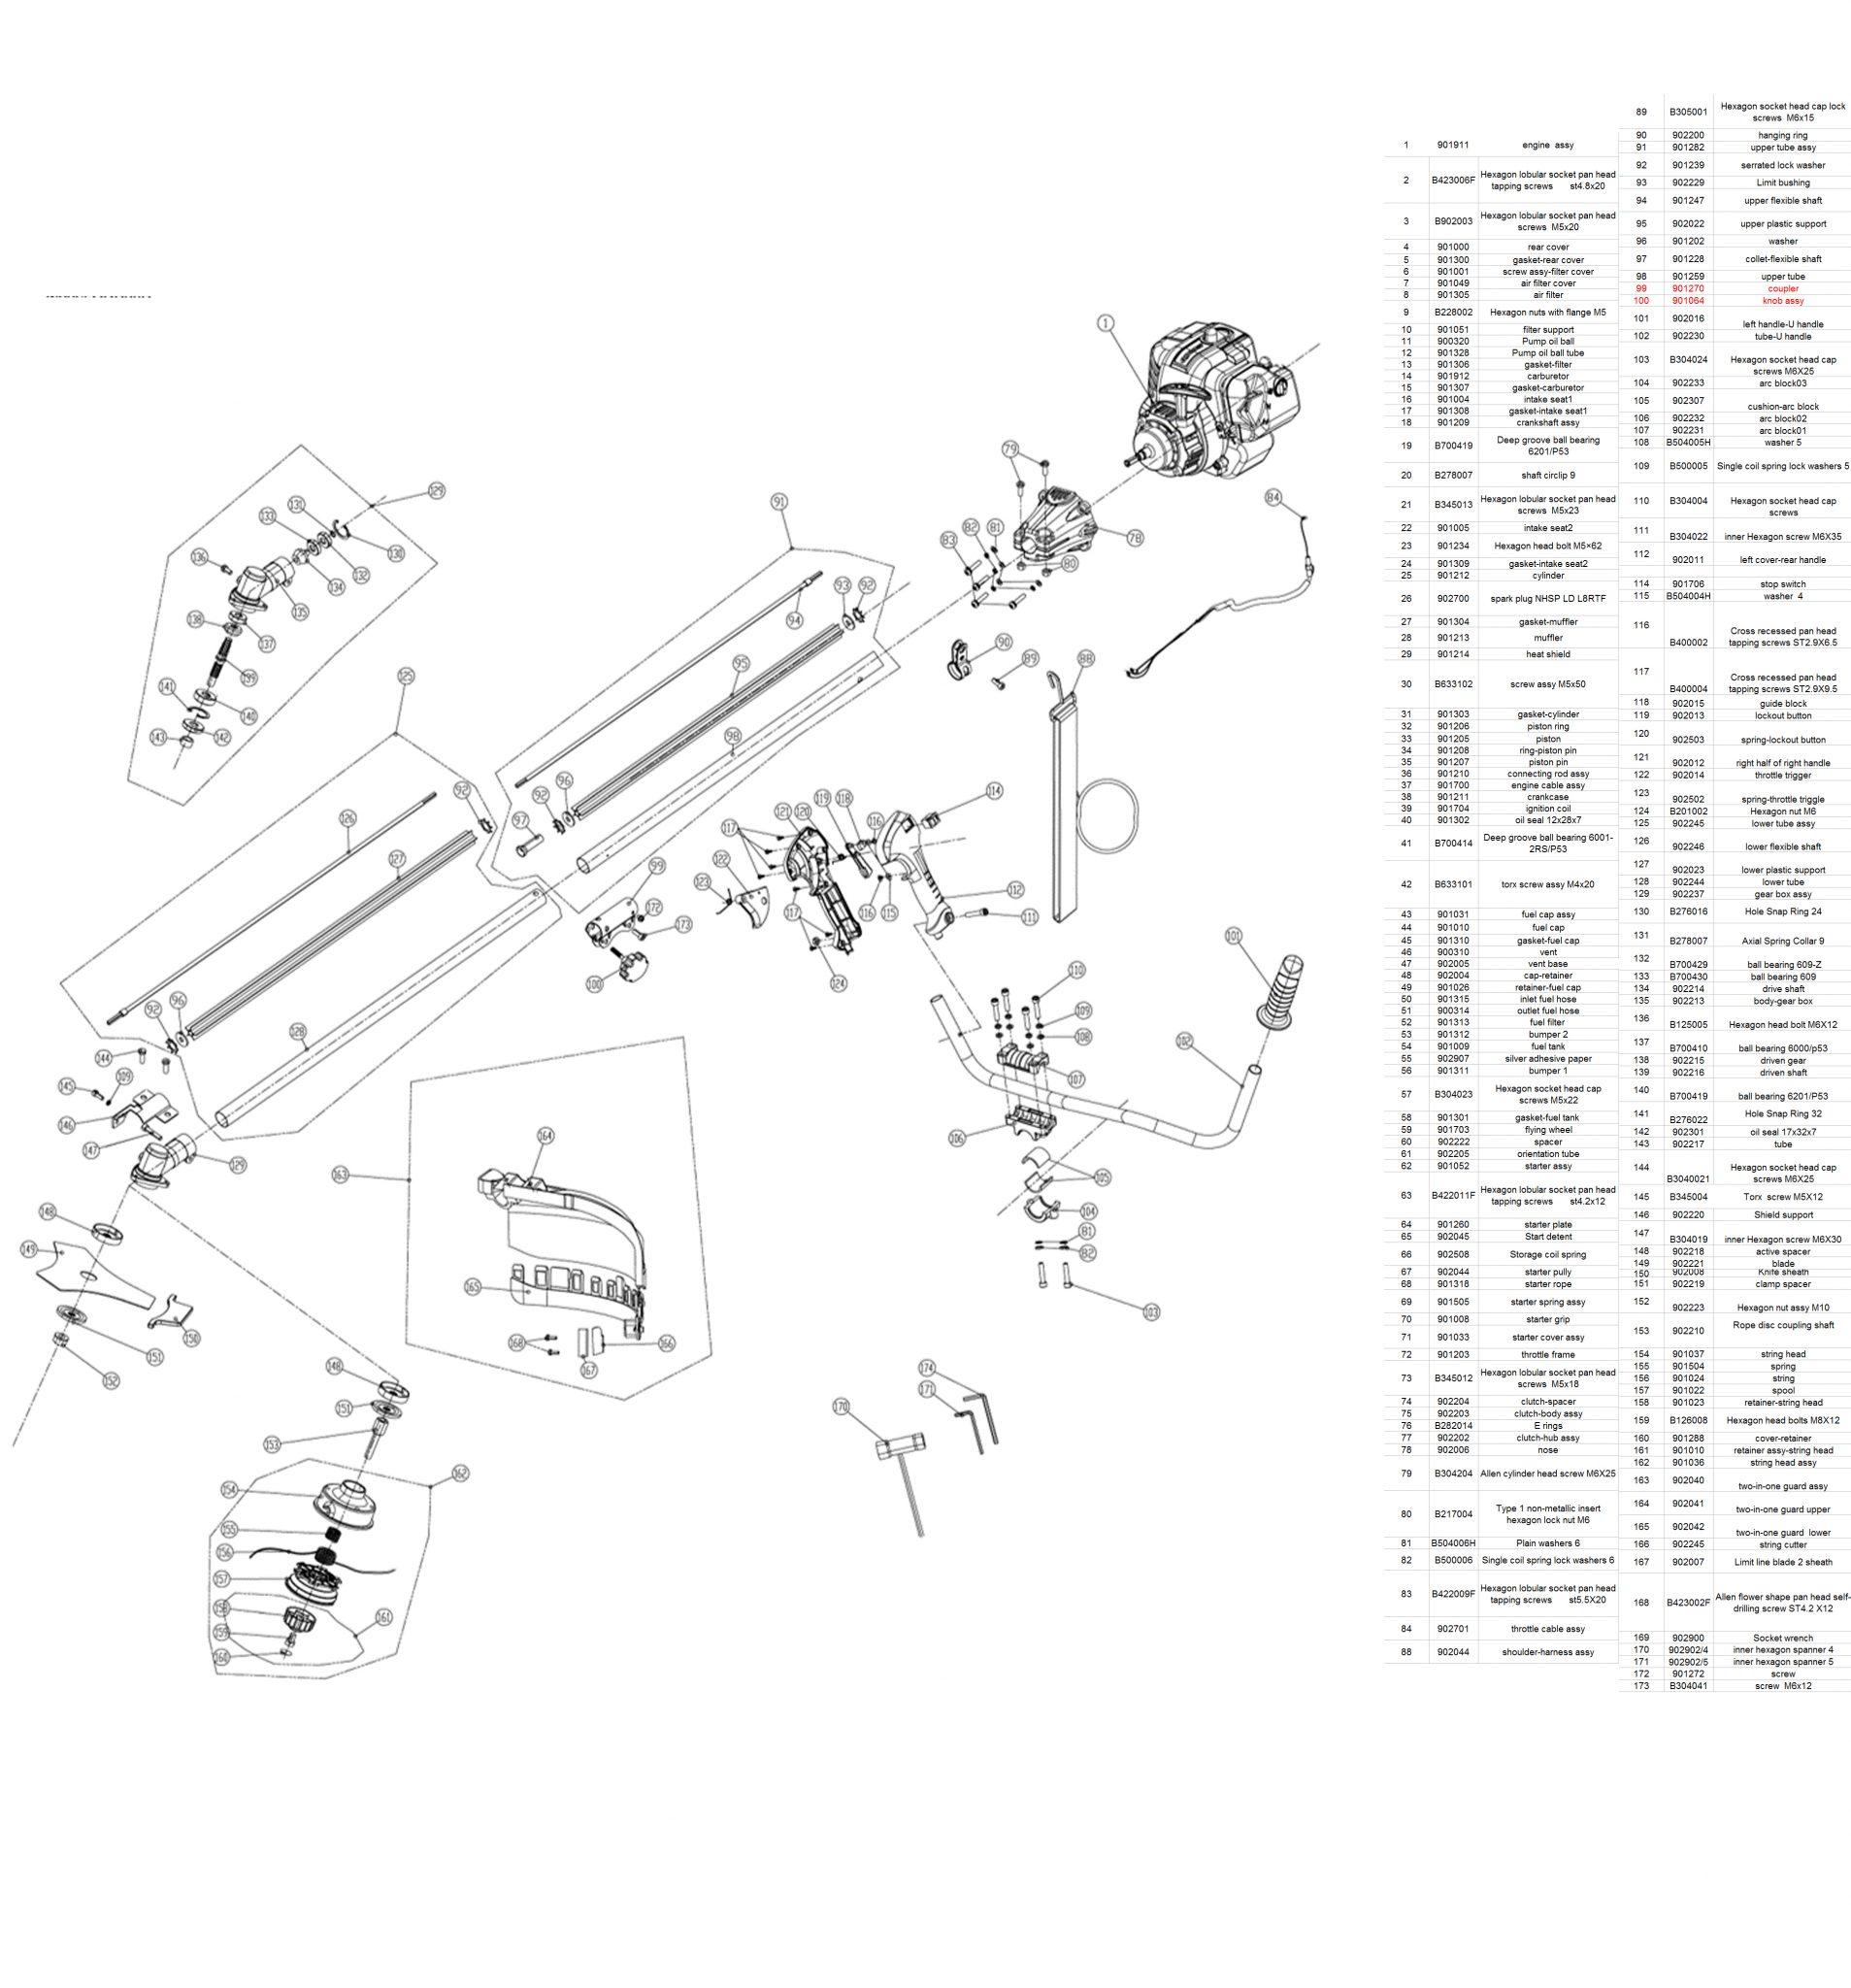 Qualcast 29 9cc Petrol Brush Cutter